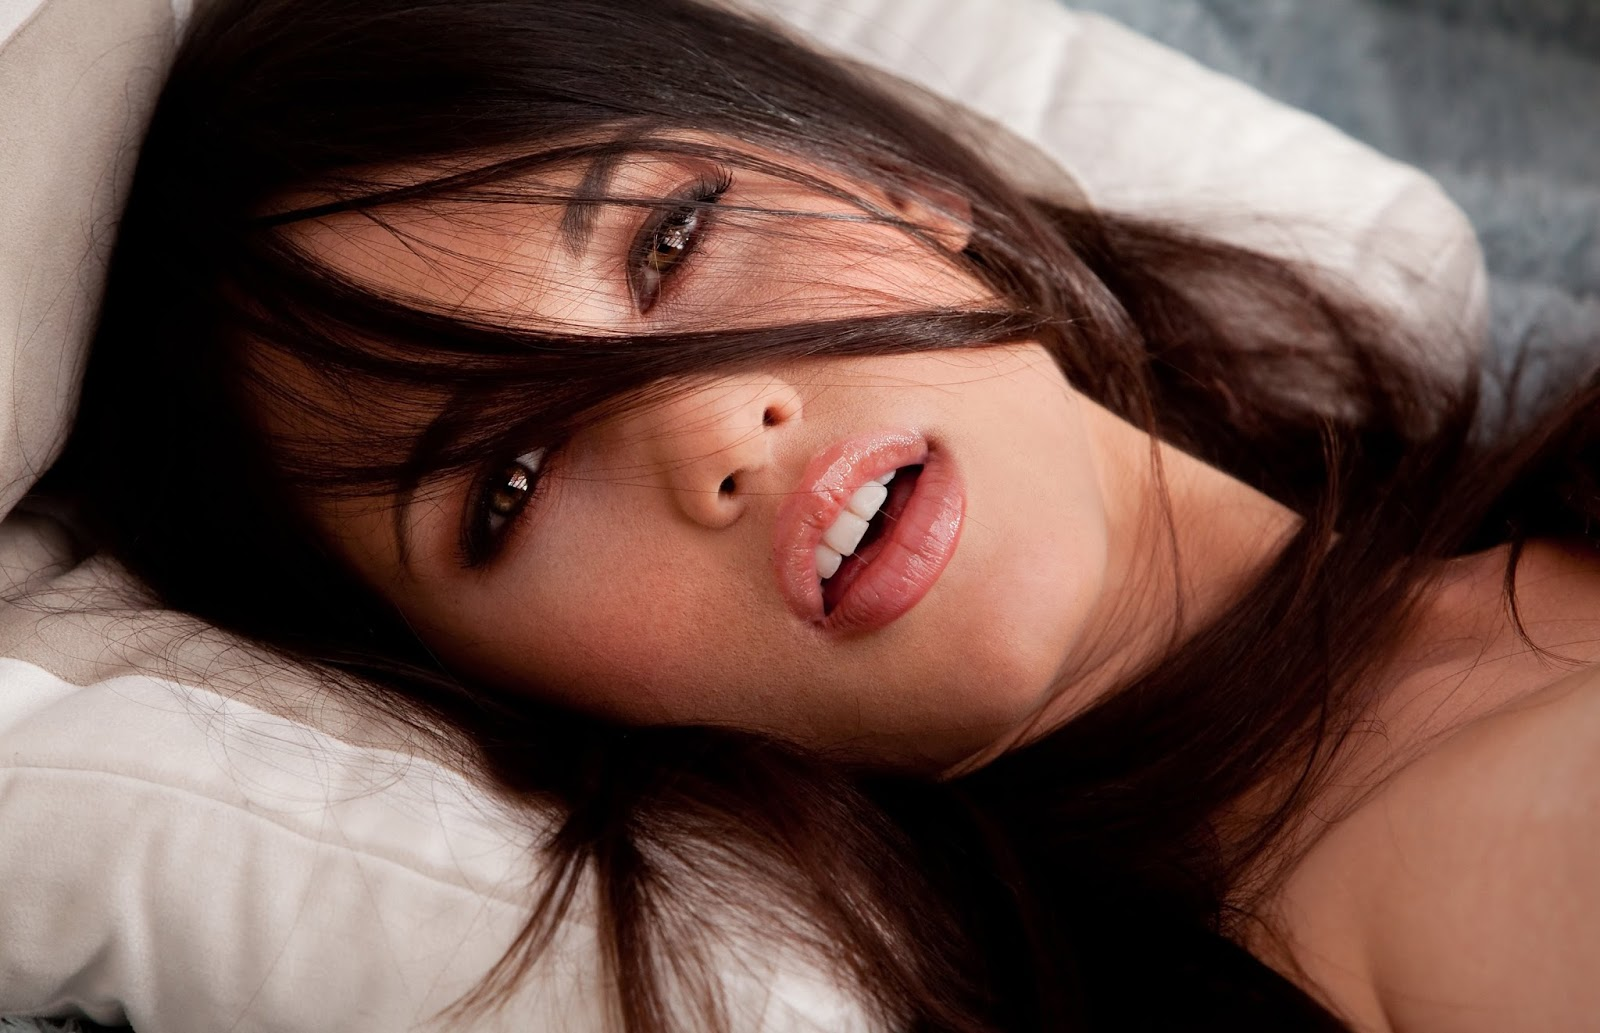 Most Beautiful Porn Stars